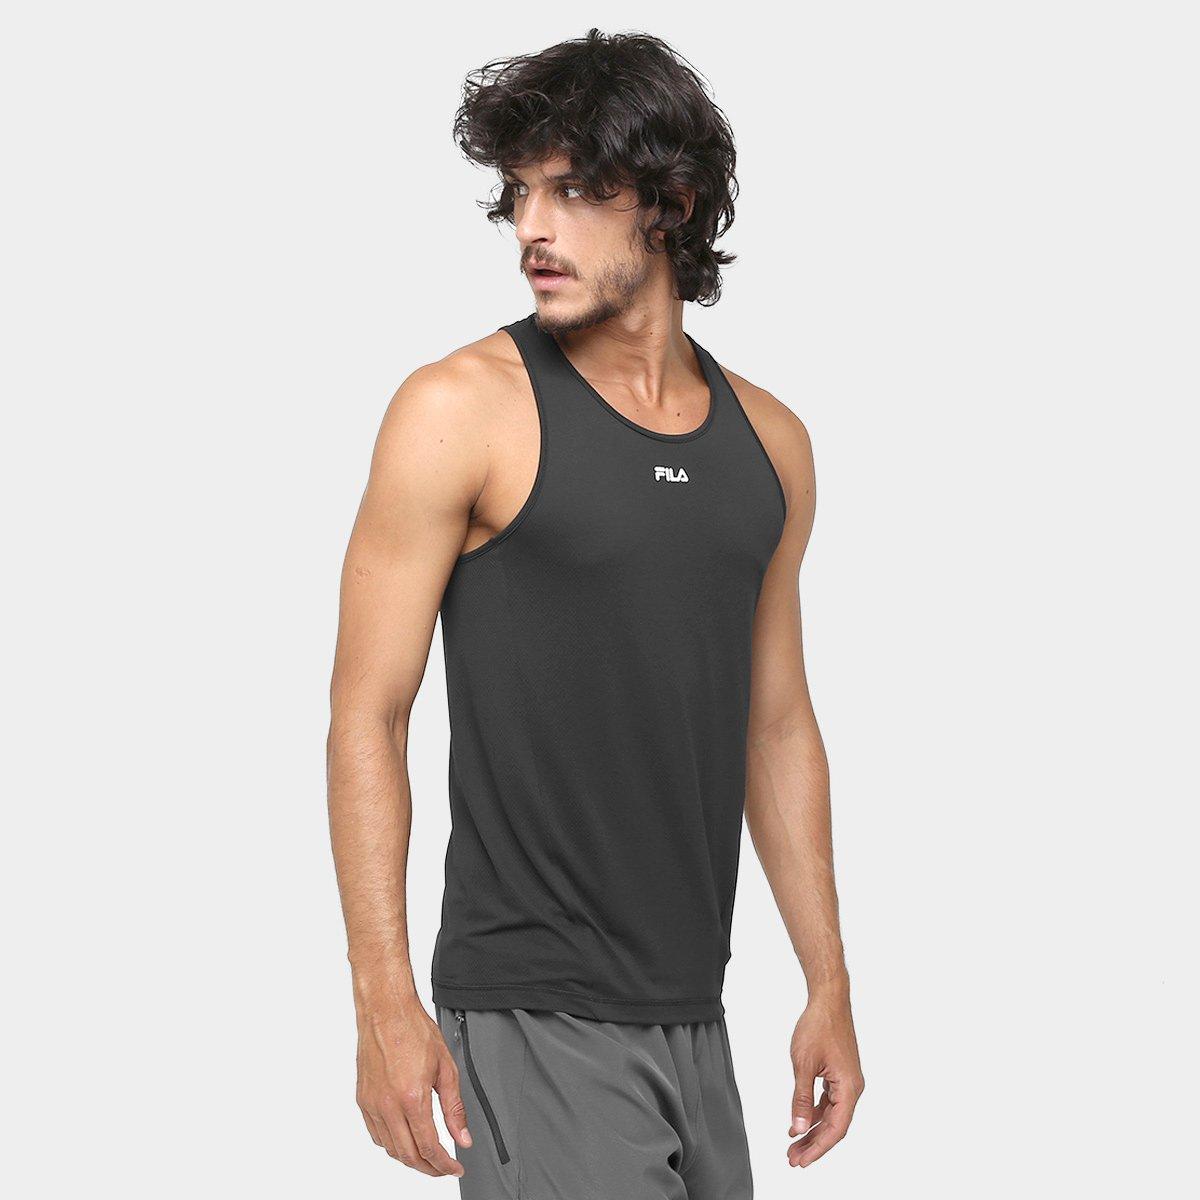 Camiseta Regata Fila Bio - Preto - Compre Agora  3afcacd1281